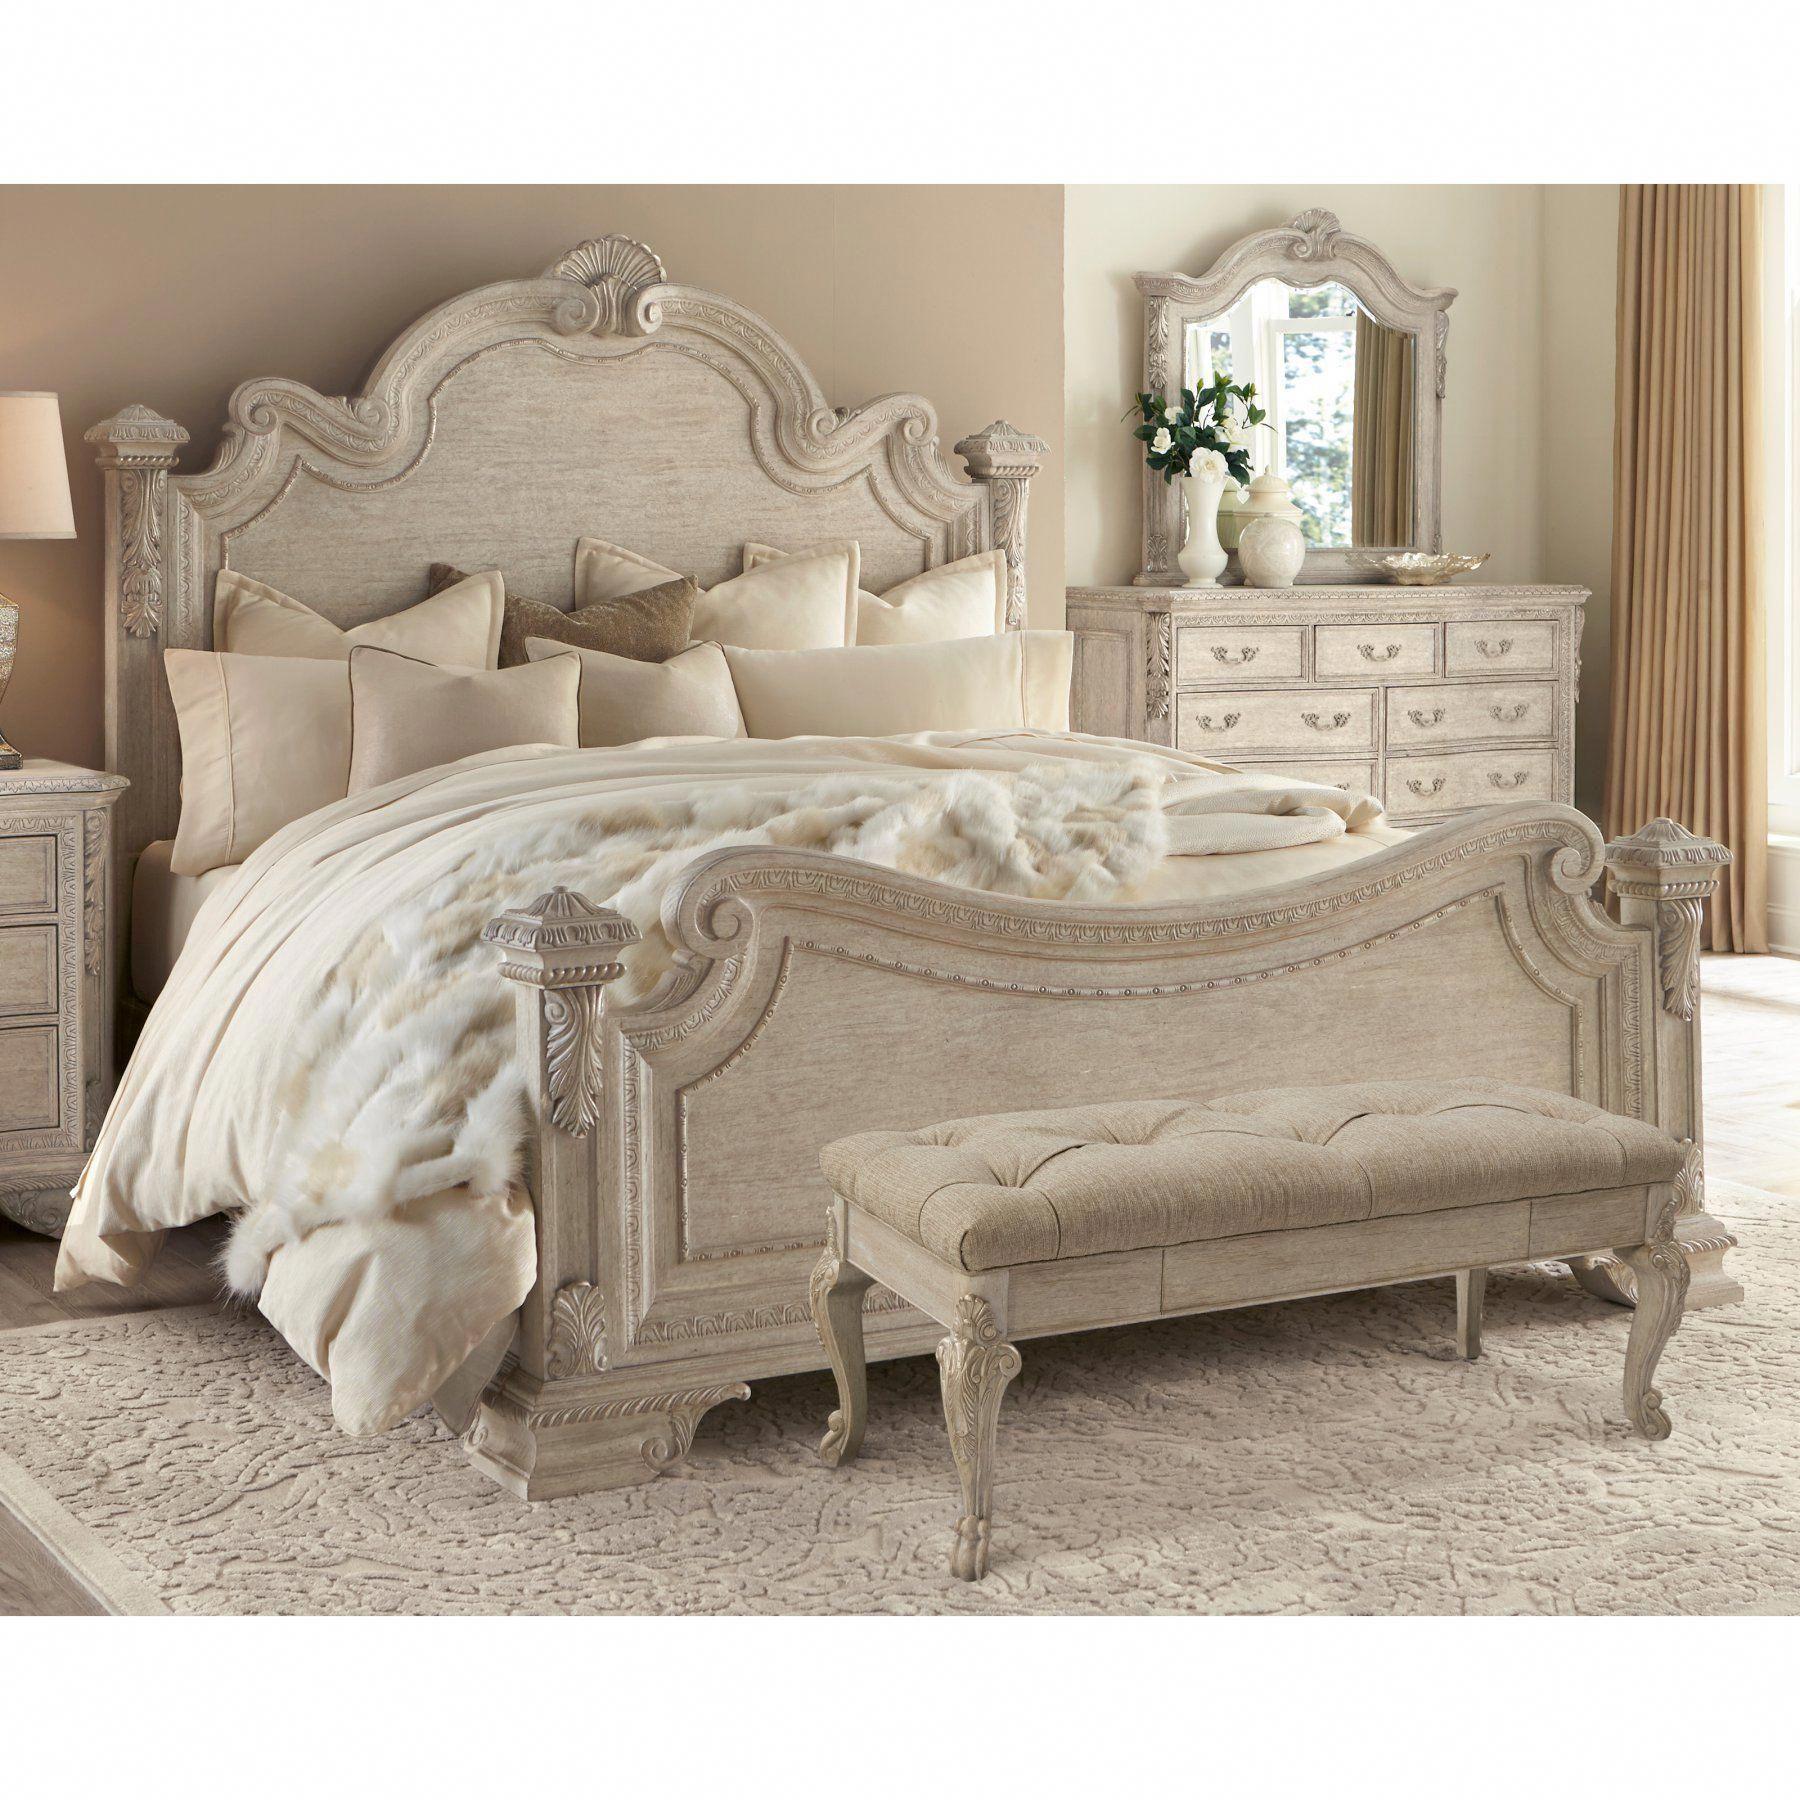 FurnitureInHouston id6677753680 Bedroom furniture sets